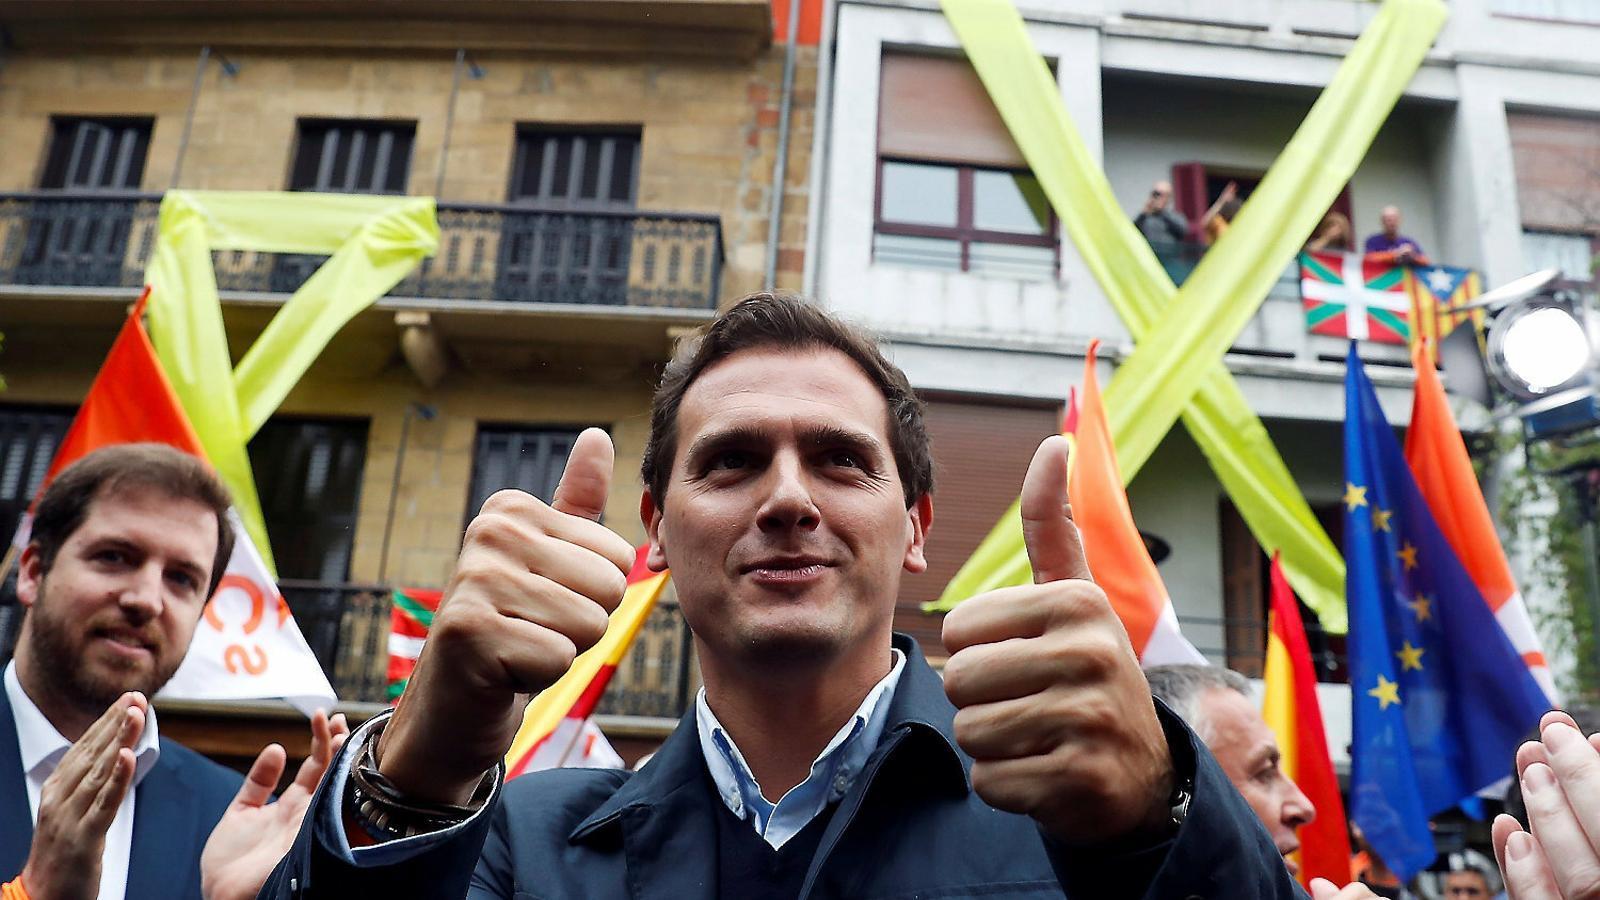 El bloc de la dreta utilitza ETA contra Sánchez